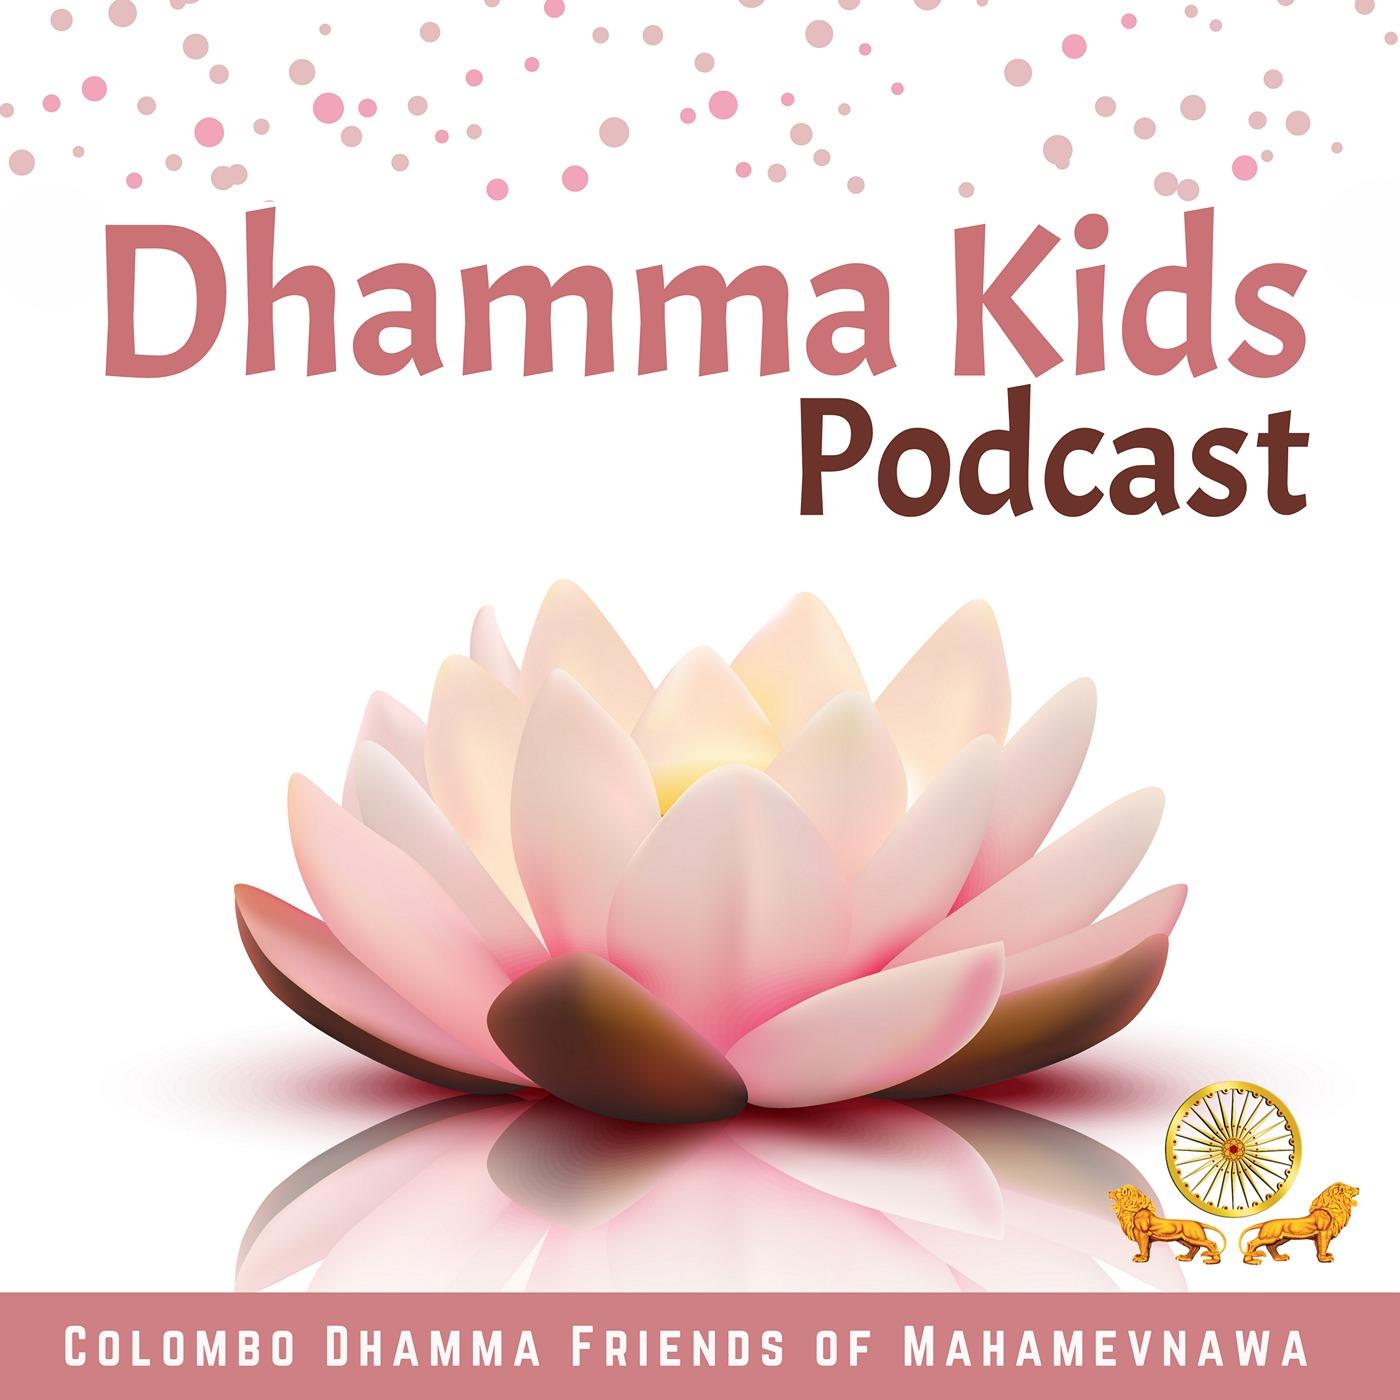 Colombo Dhamma Friends